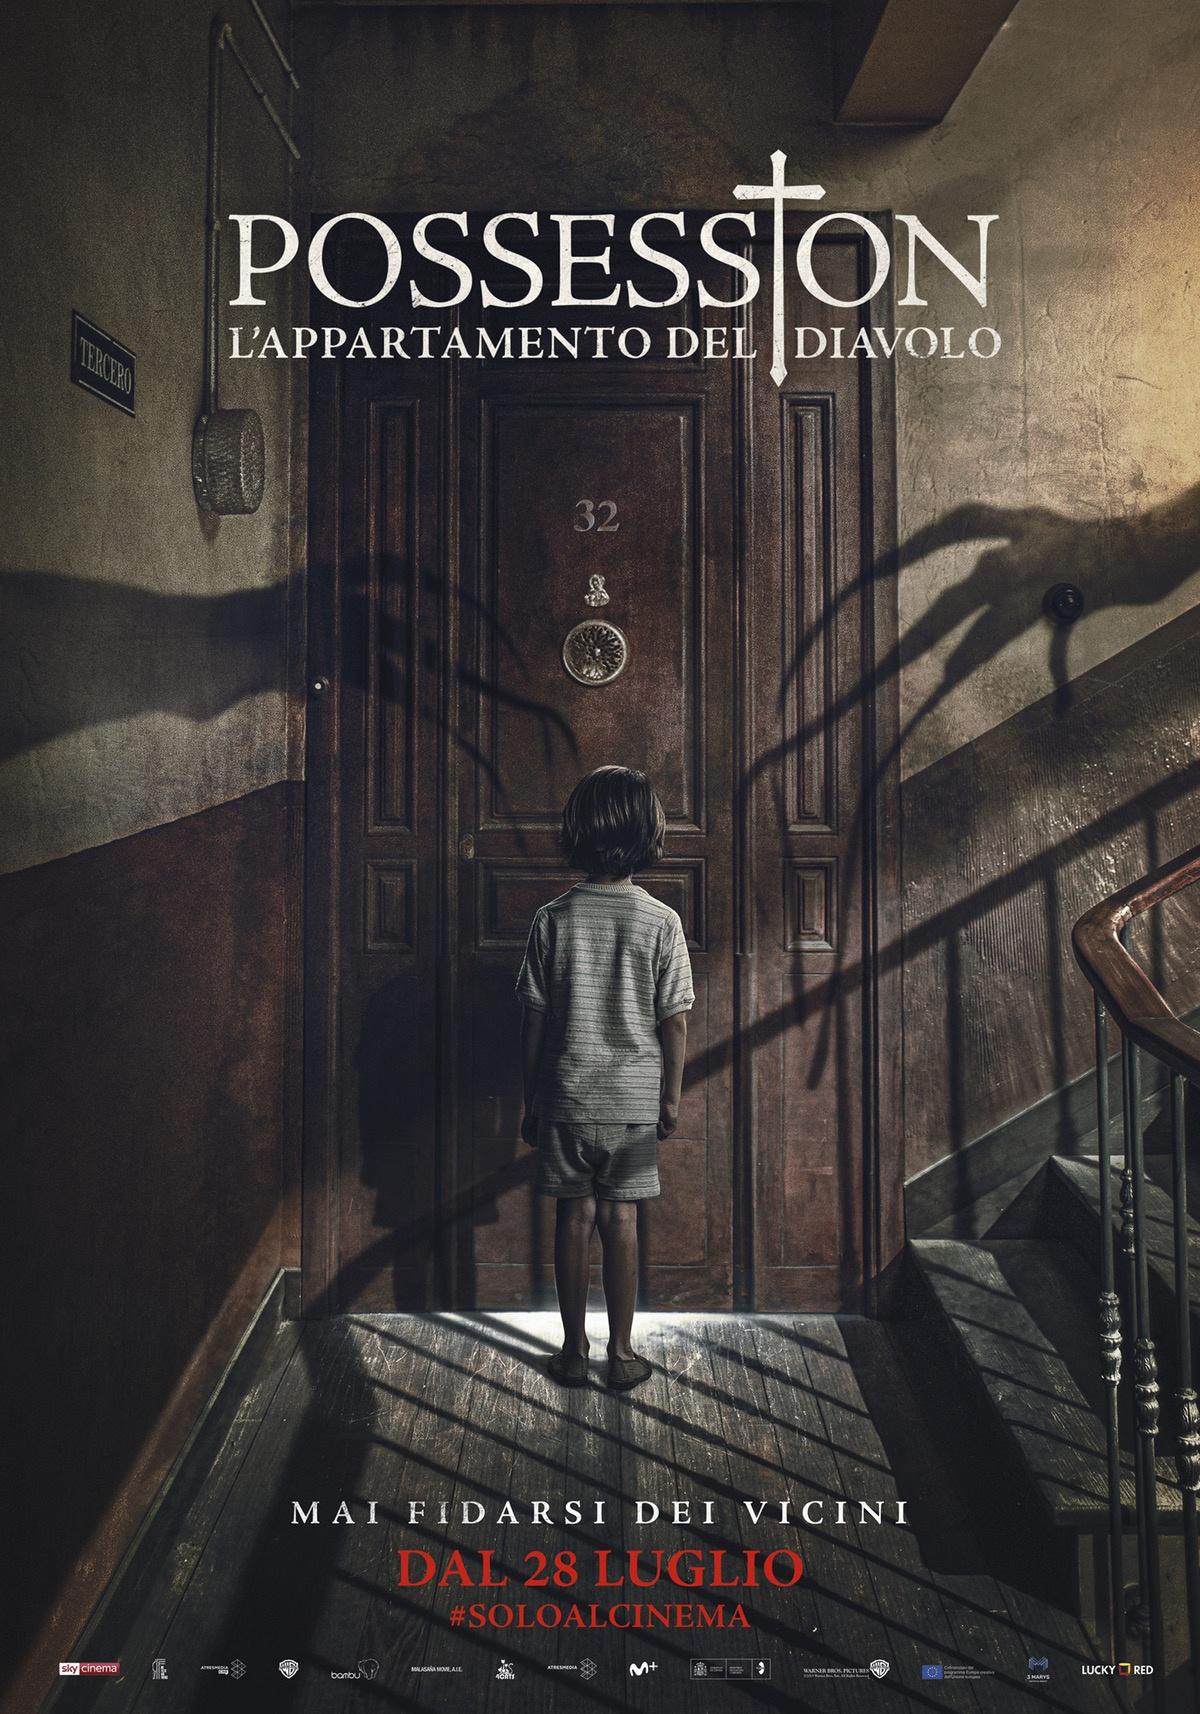 Film in uscita: Possession - L'appartamento del diavolo